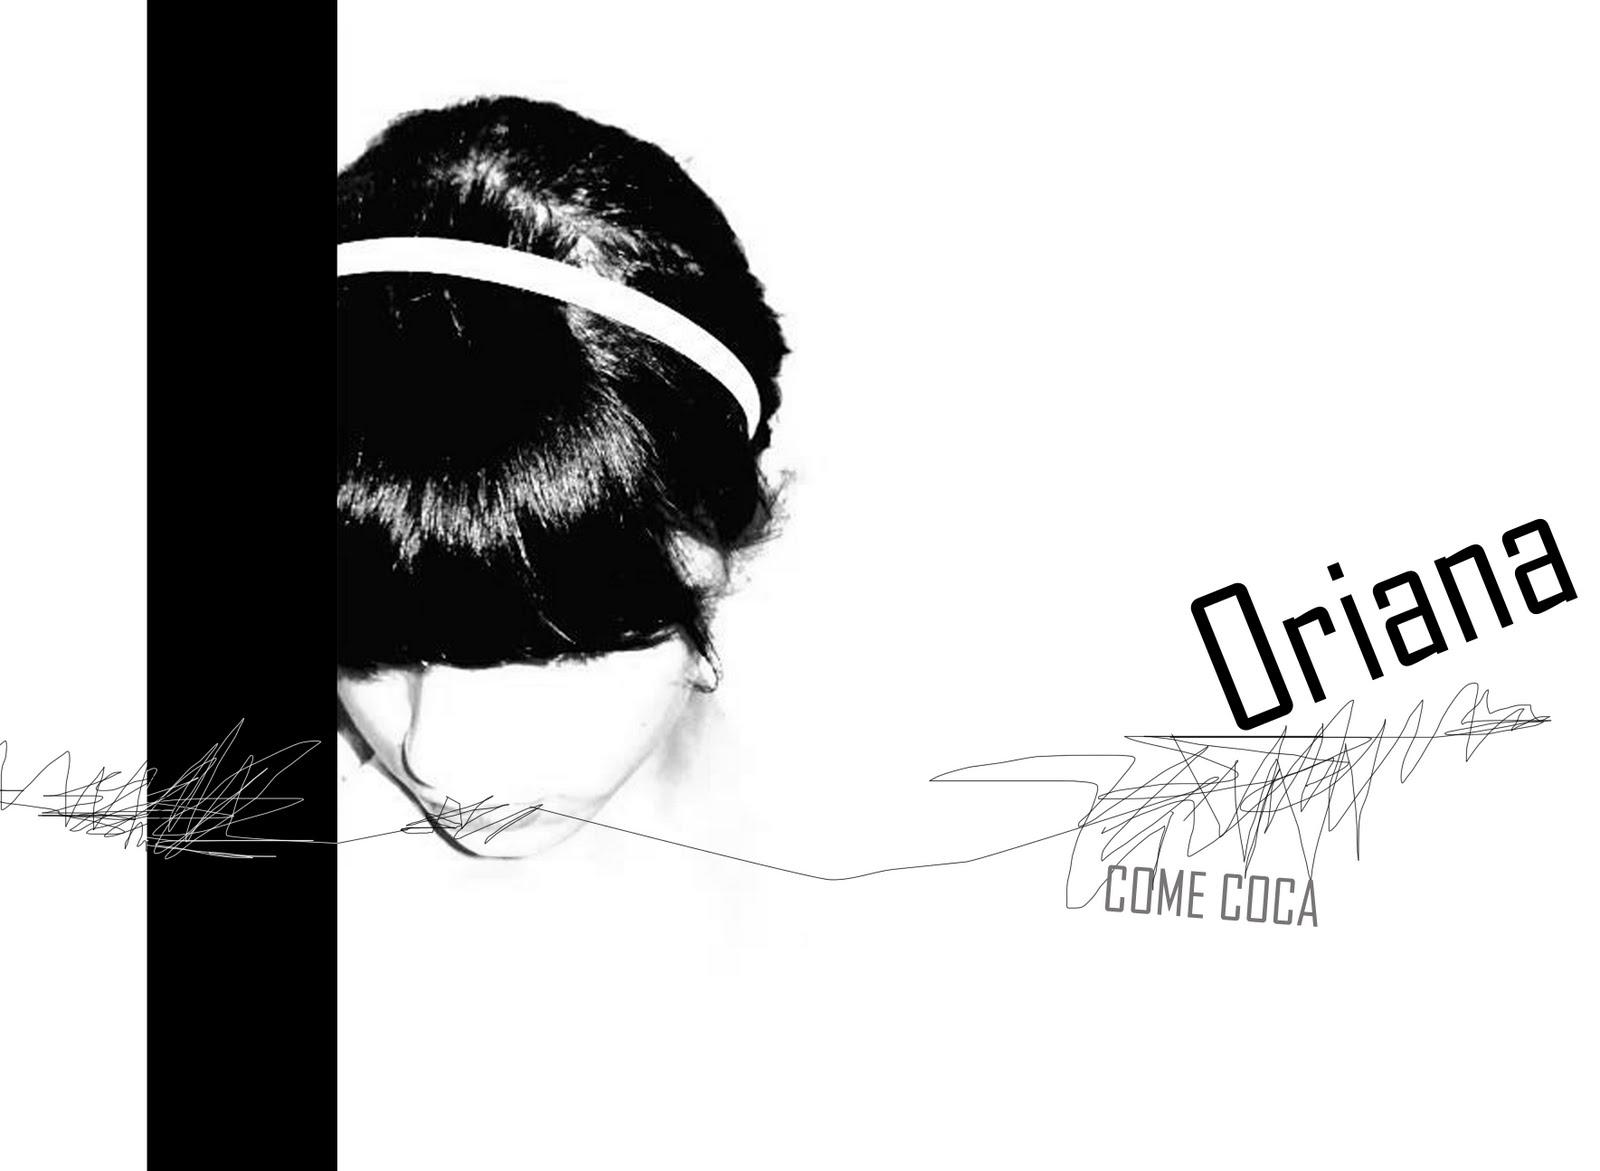 Oriana.Come.Coca